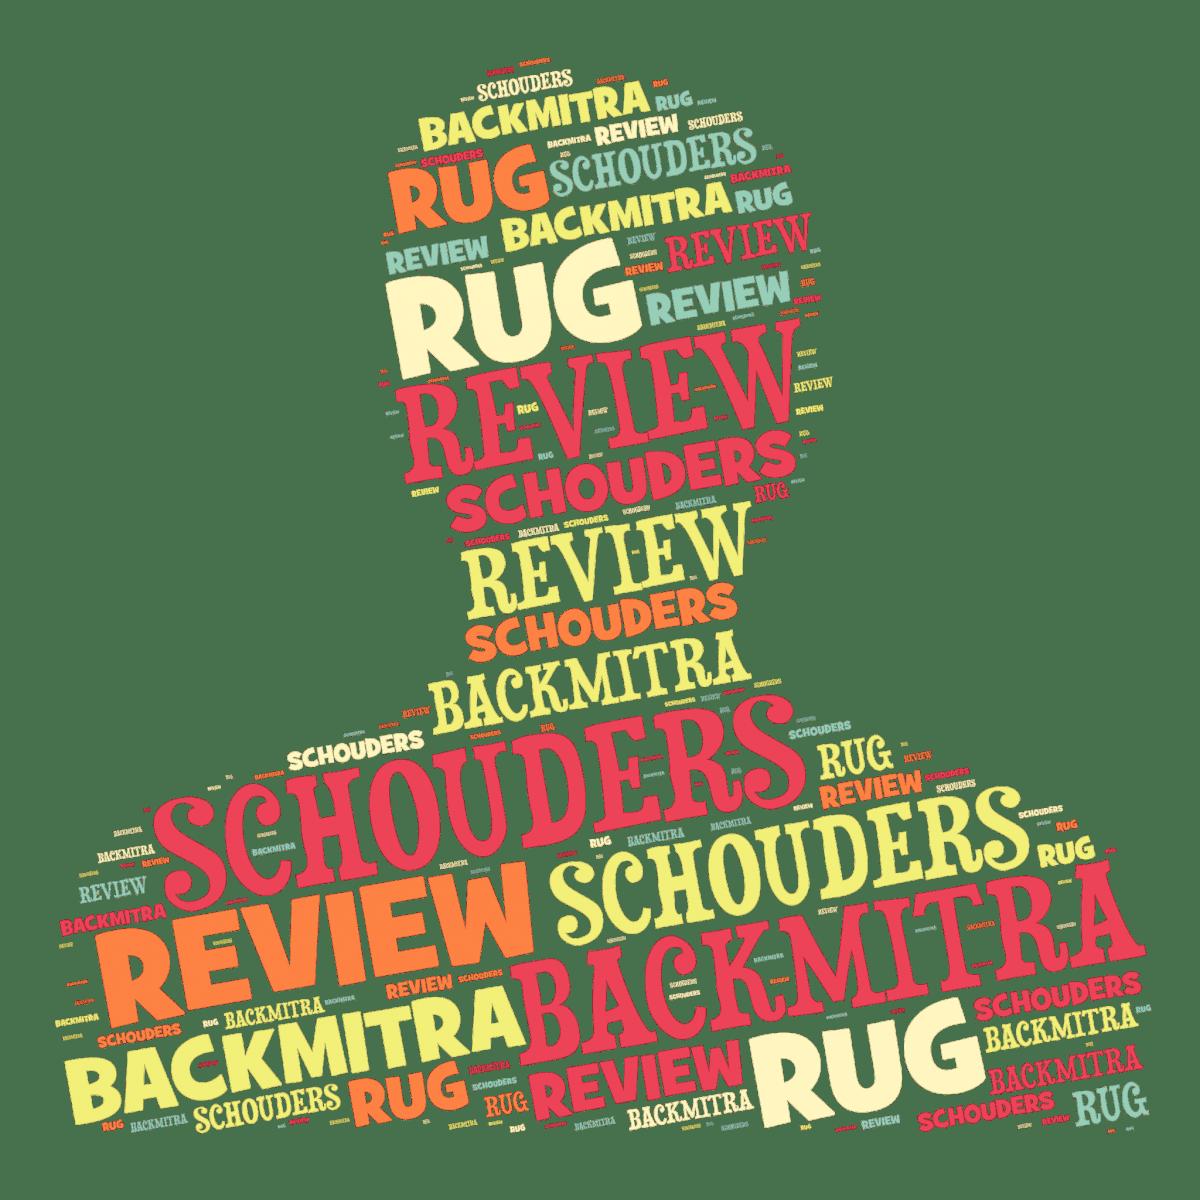 backmitra review rug